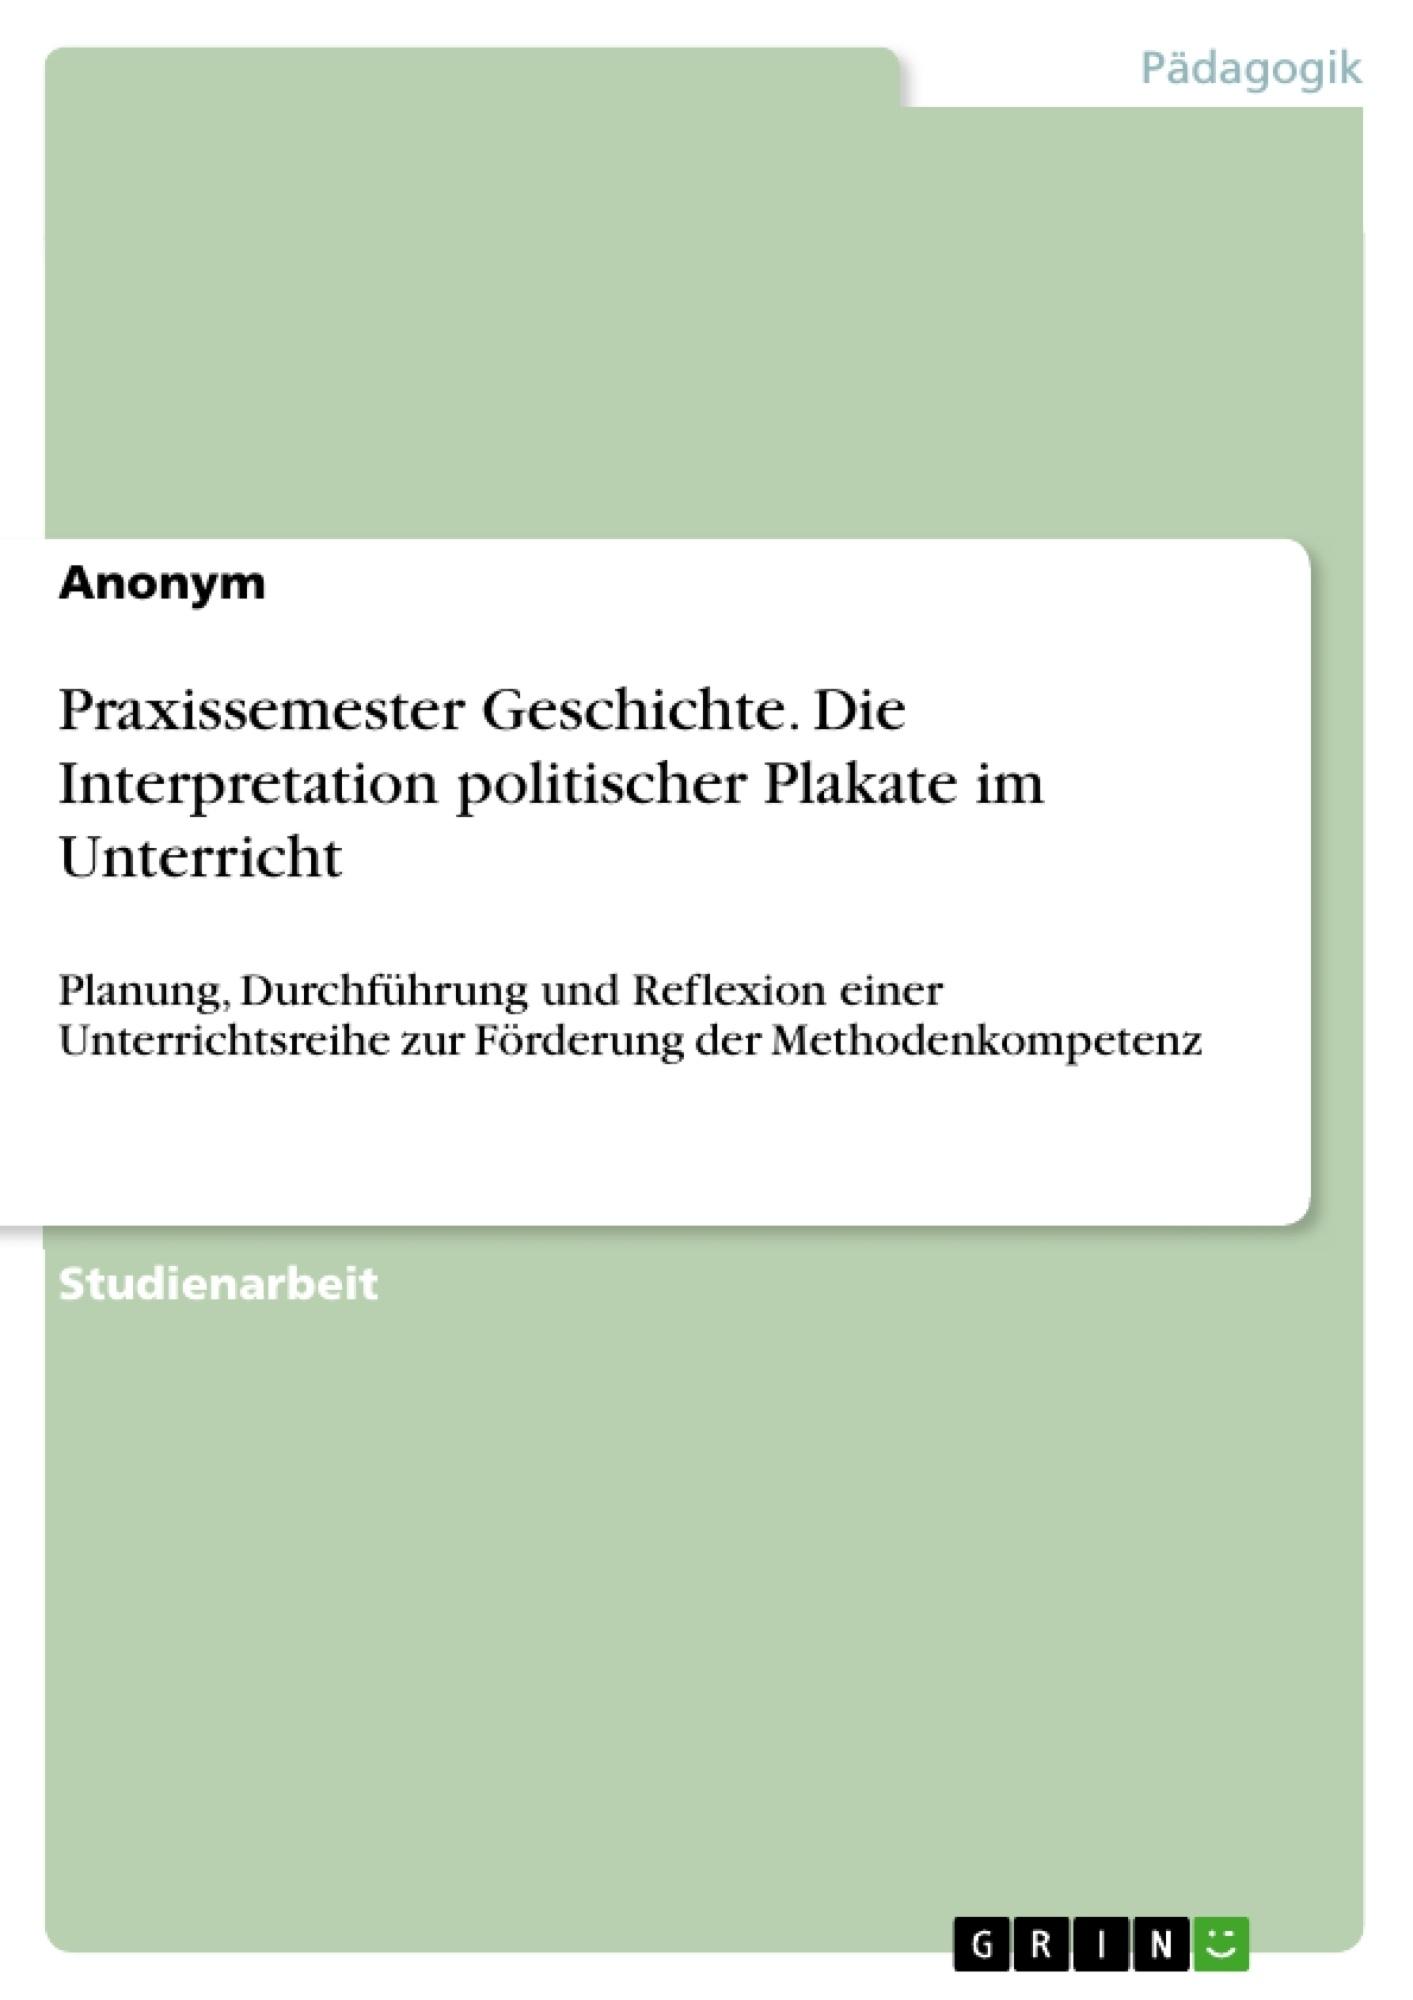 Titel: Praxissemester Geschichte. Die Interpretation politischer Plakate im Unterricht